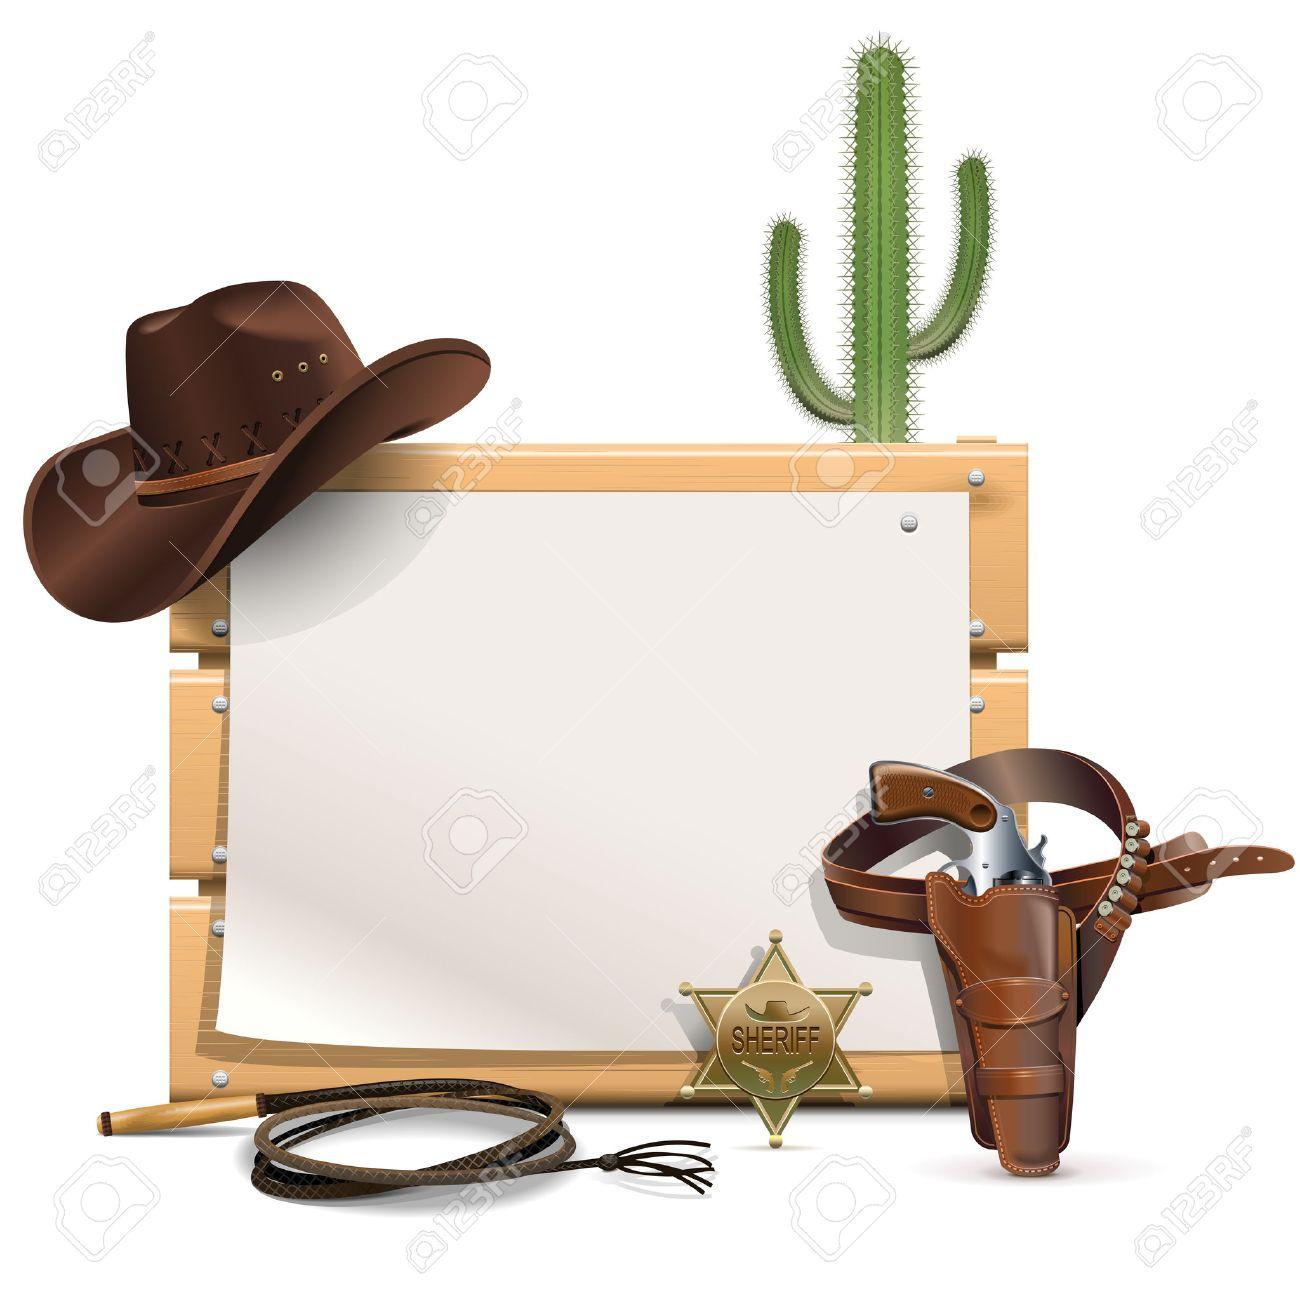 Vector Cowboy-Rahmen Auf Weißem Hintergrund Lizenzfrei Nutzbare ...